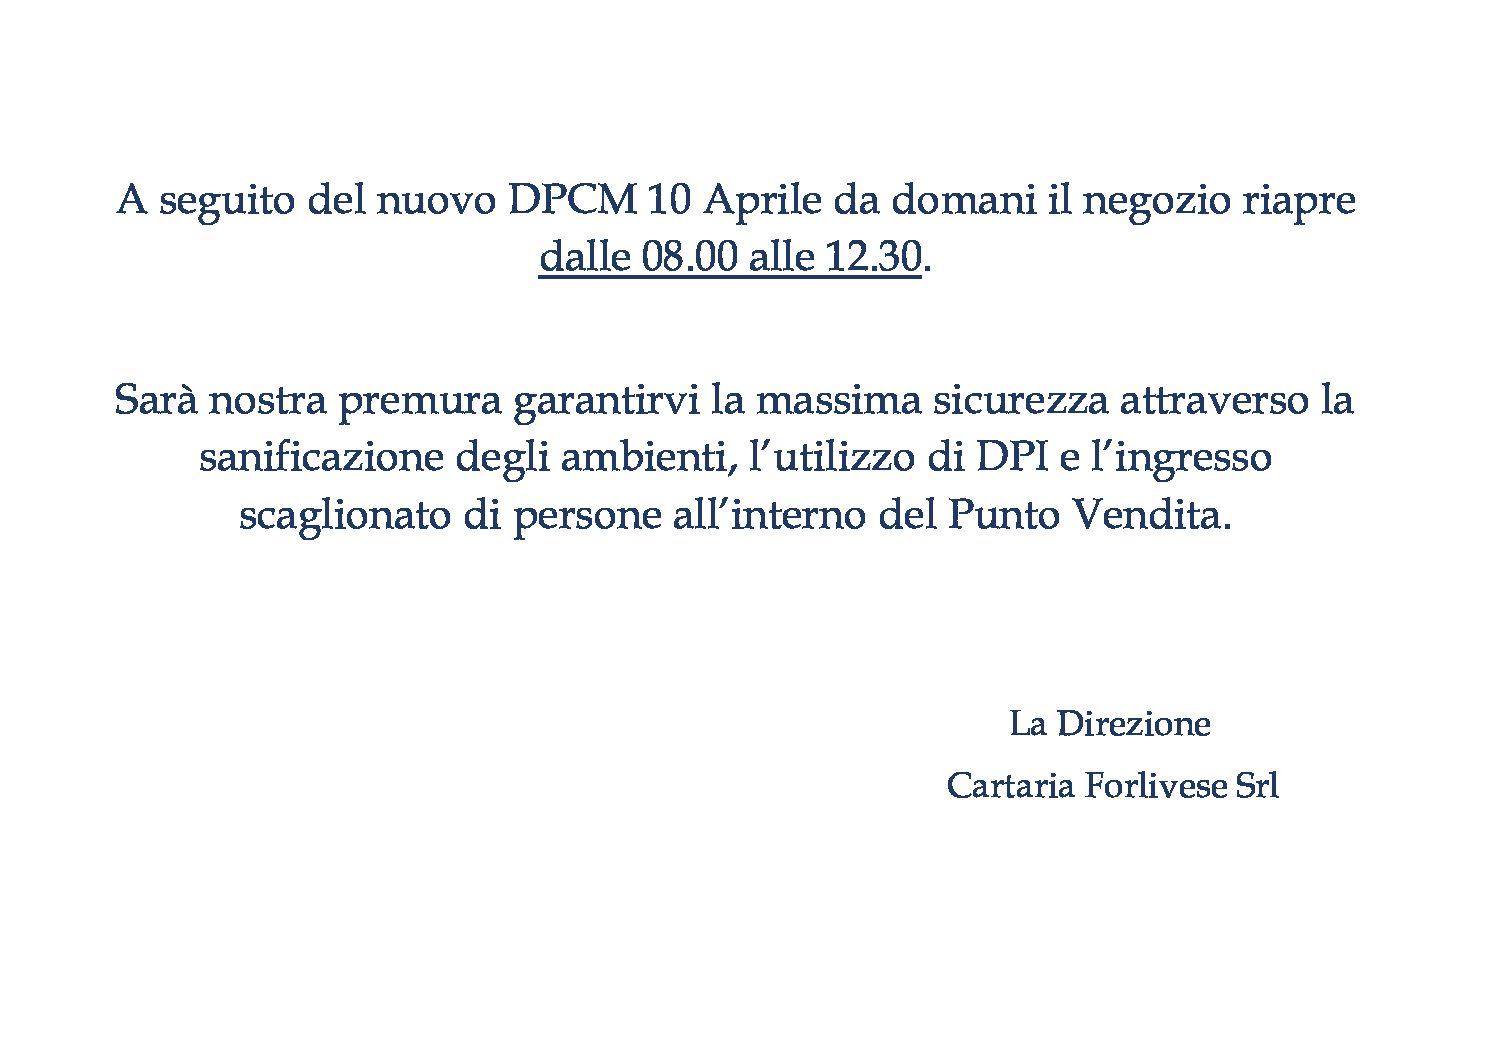 A seguito del nuovo DPCM 10 Aprile da domani il negozio riapre dalle 08